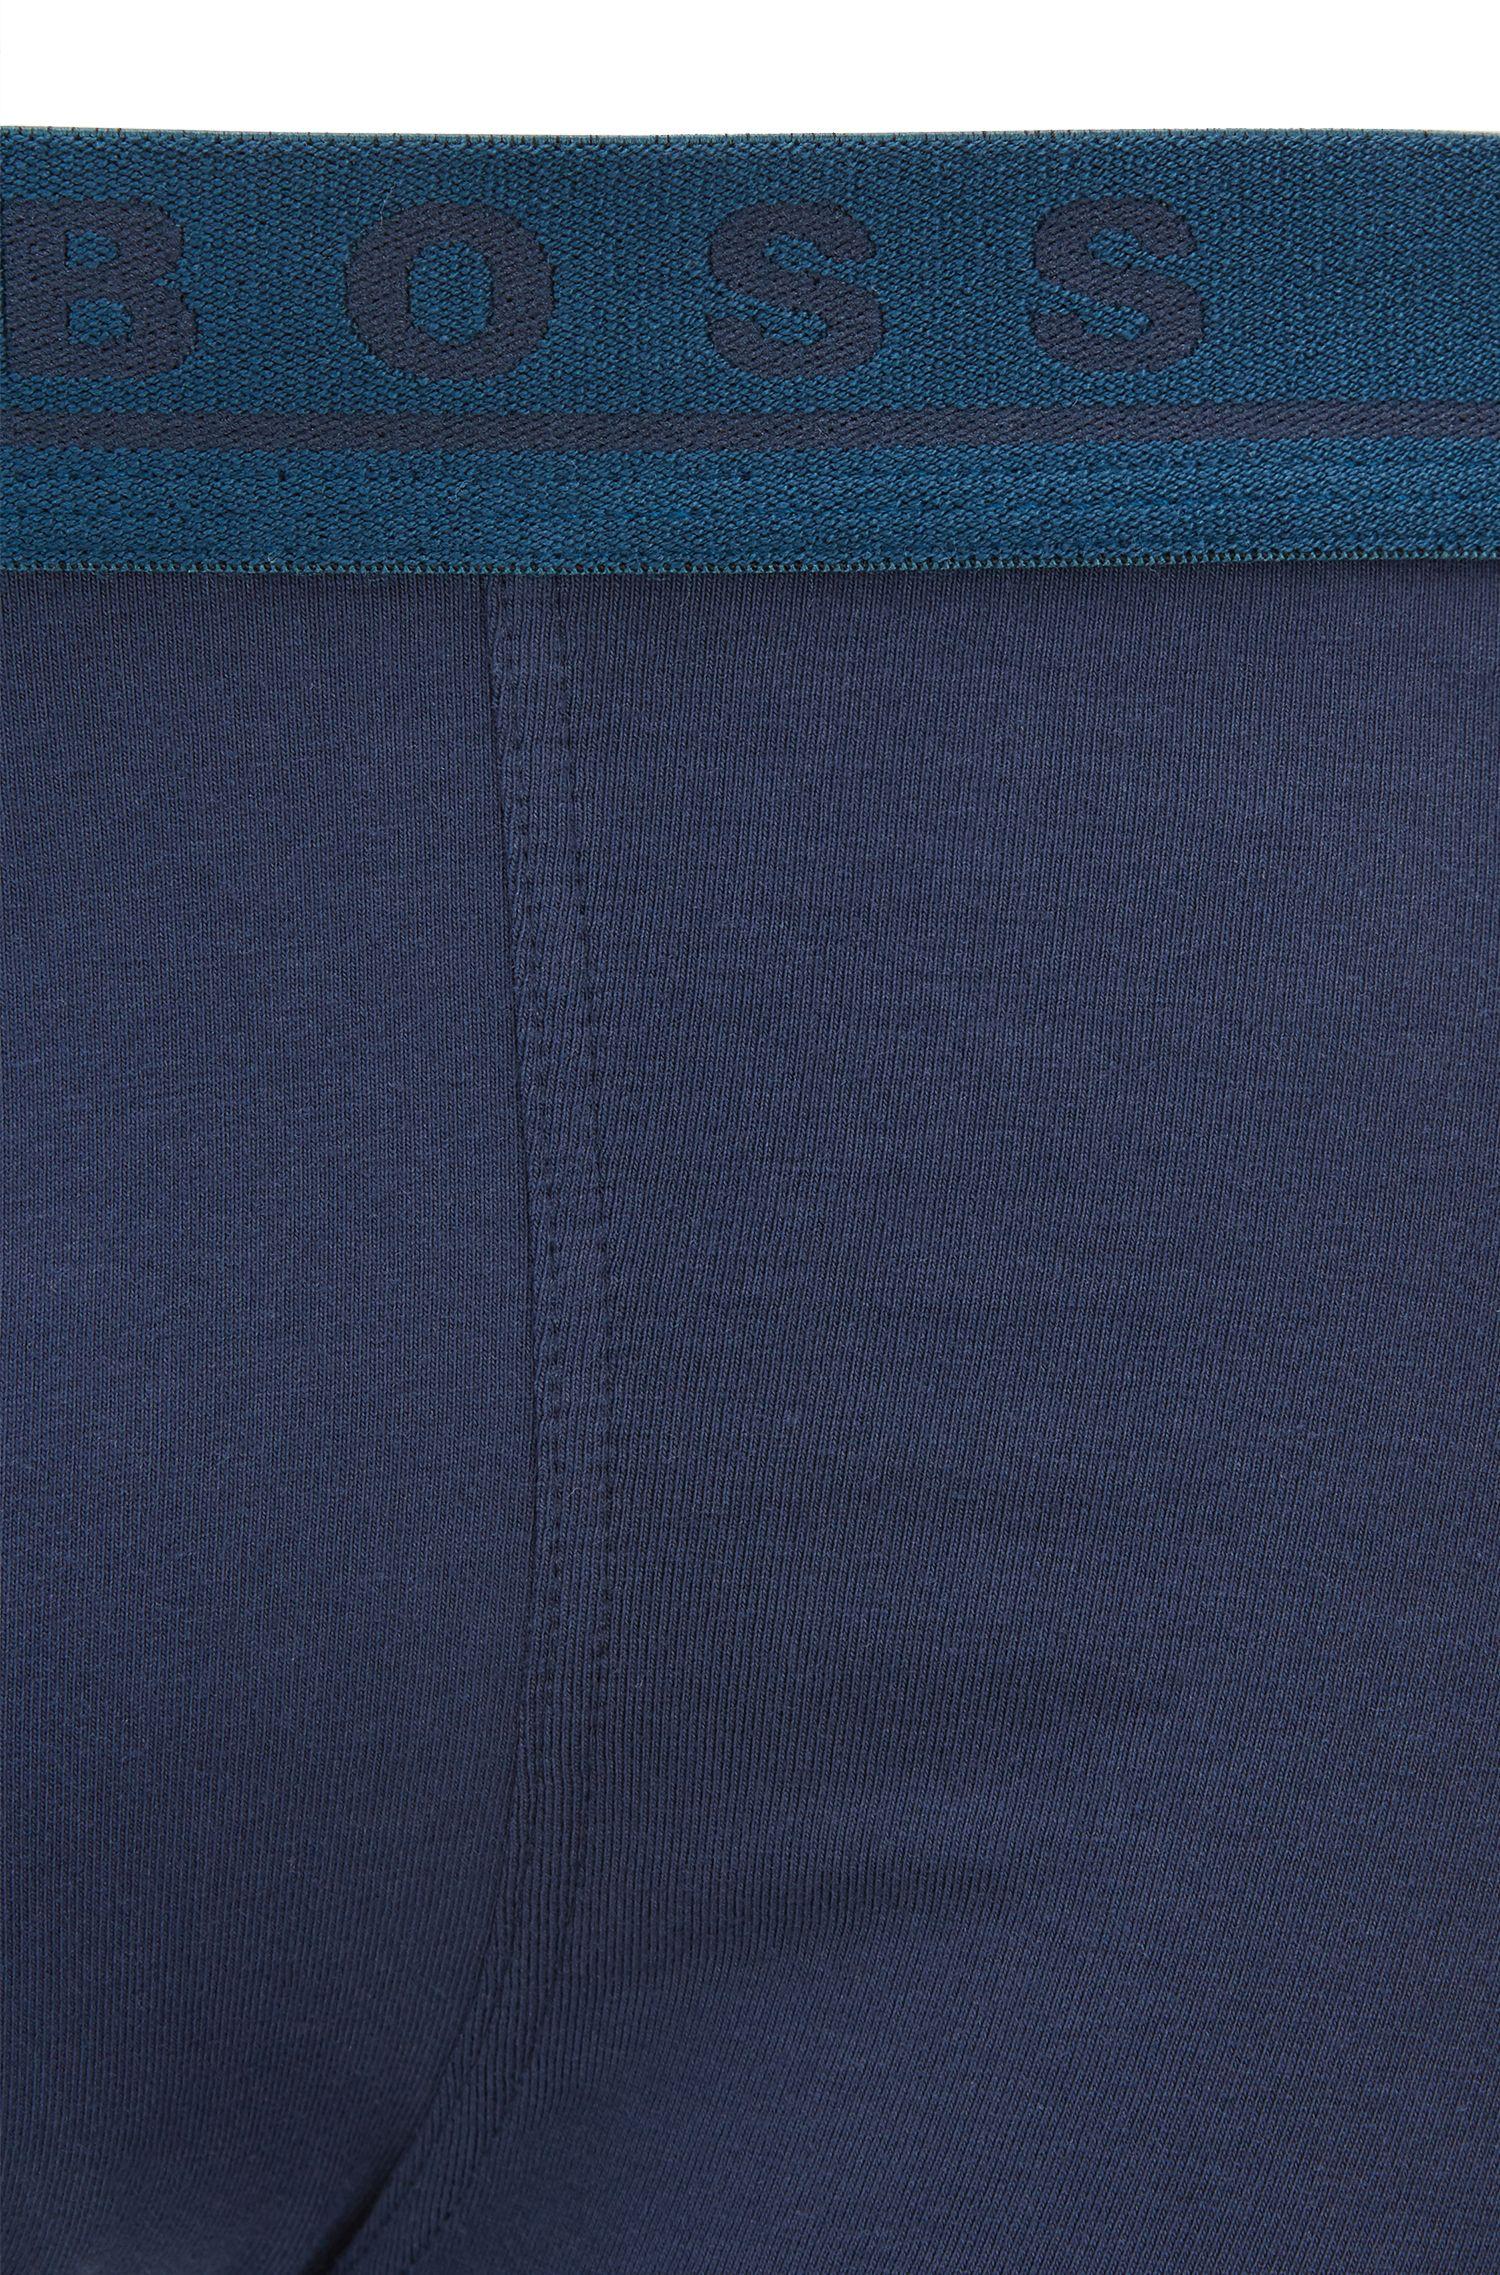 Boxershorts aus Stretch-Baumwolle im Dreier-Pack, Gemustert